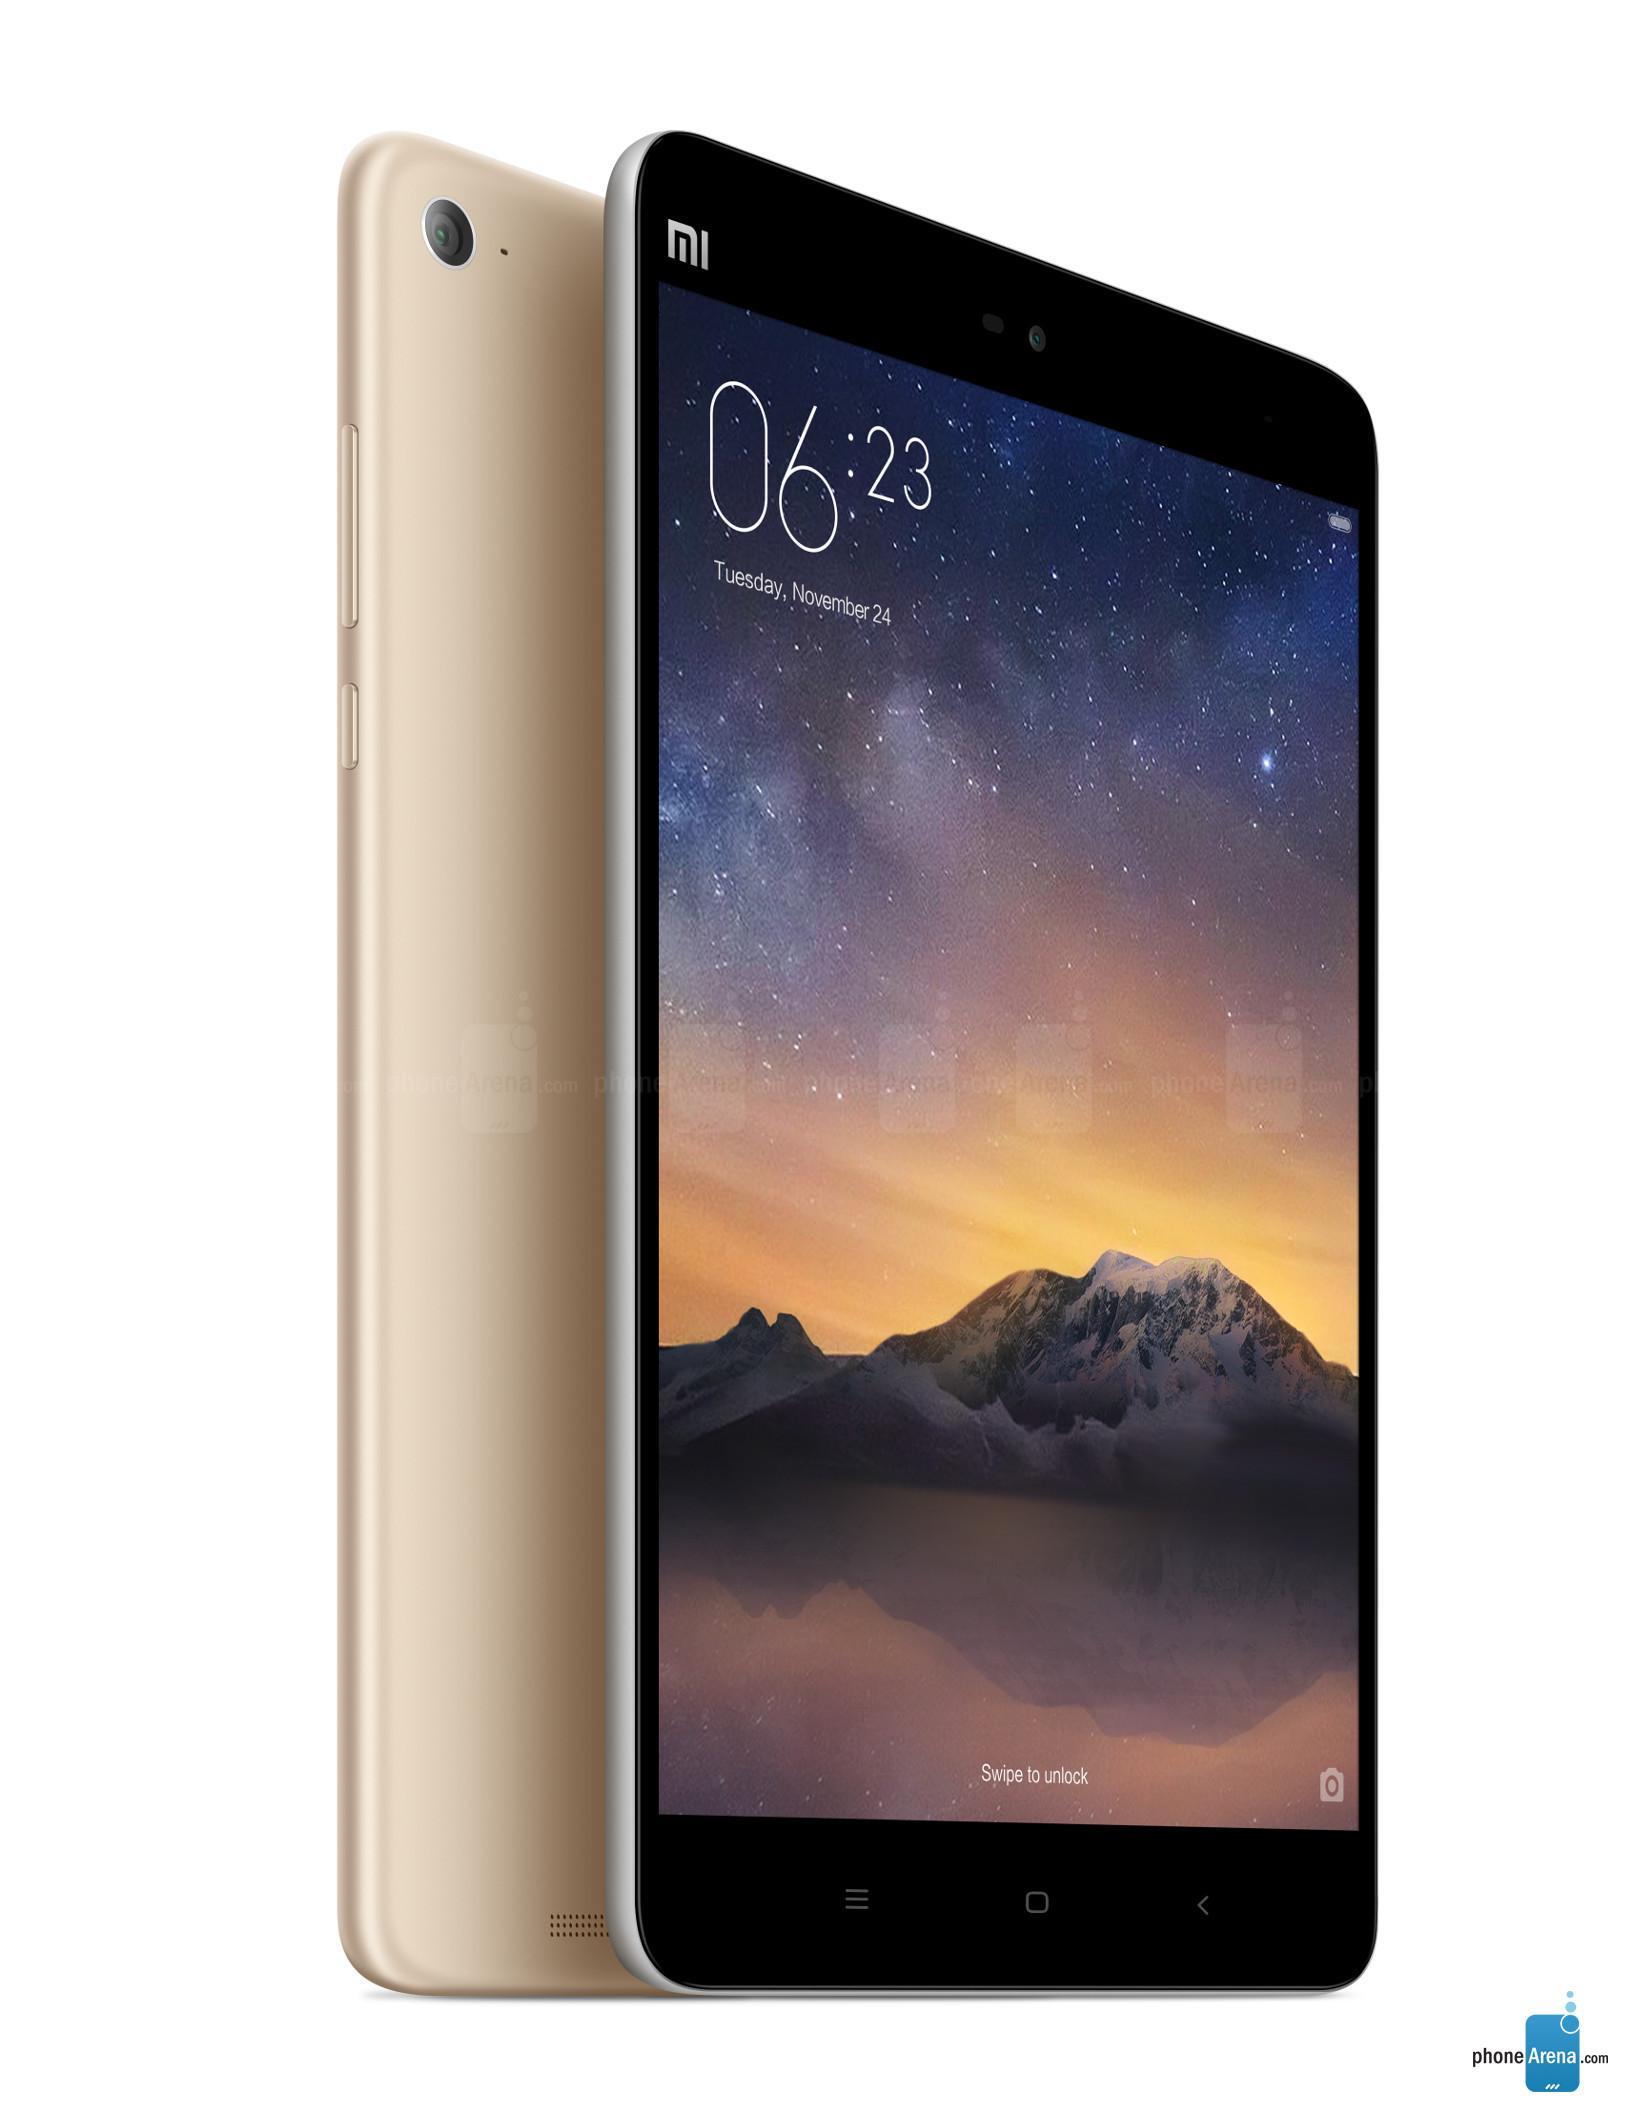 """Tablette 7.9"""" Xiaomi Mi Pad 2 - 2048×1536, X5-Z8500 64bit 2.2GHz, RAM 2Go, 64Go, Windows 10"""